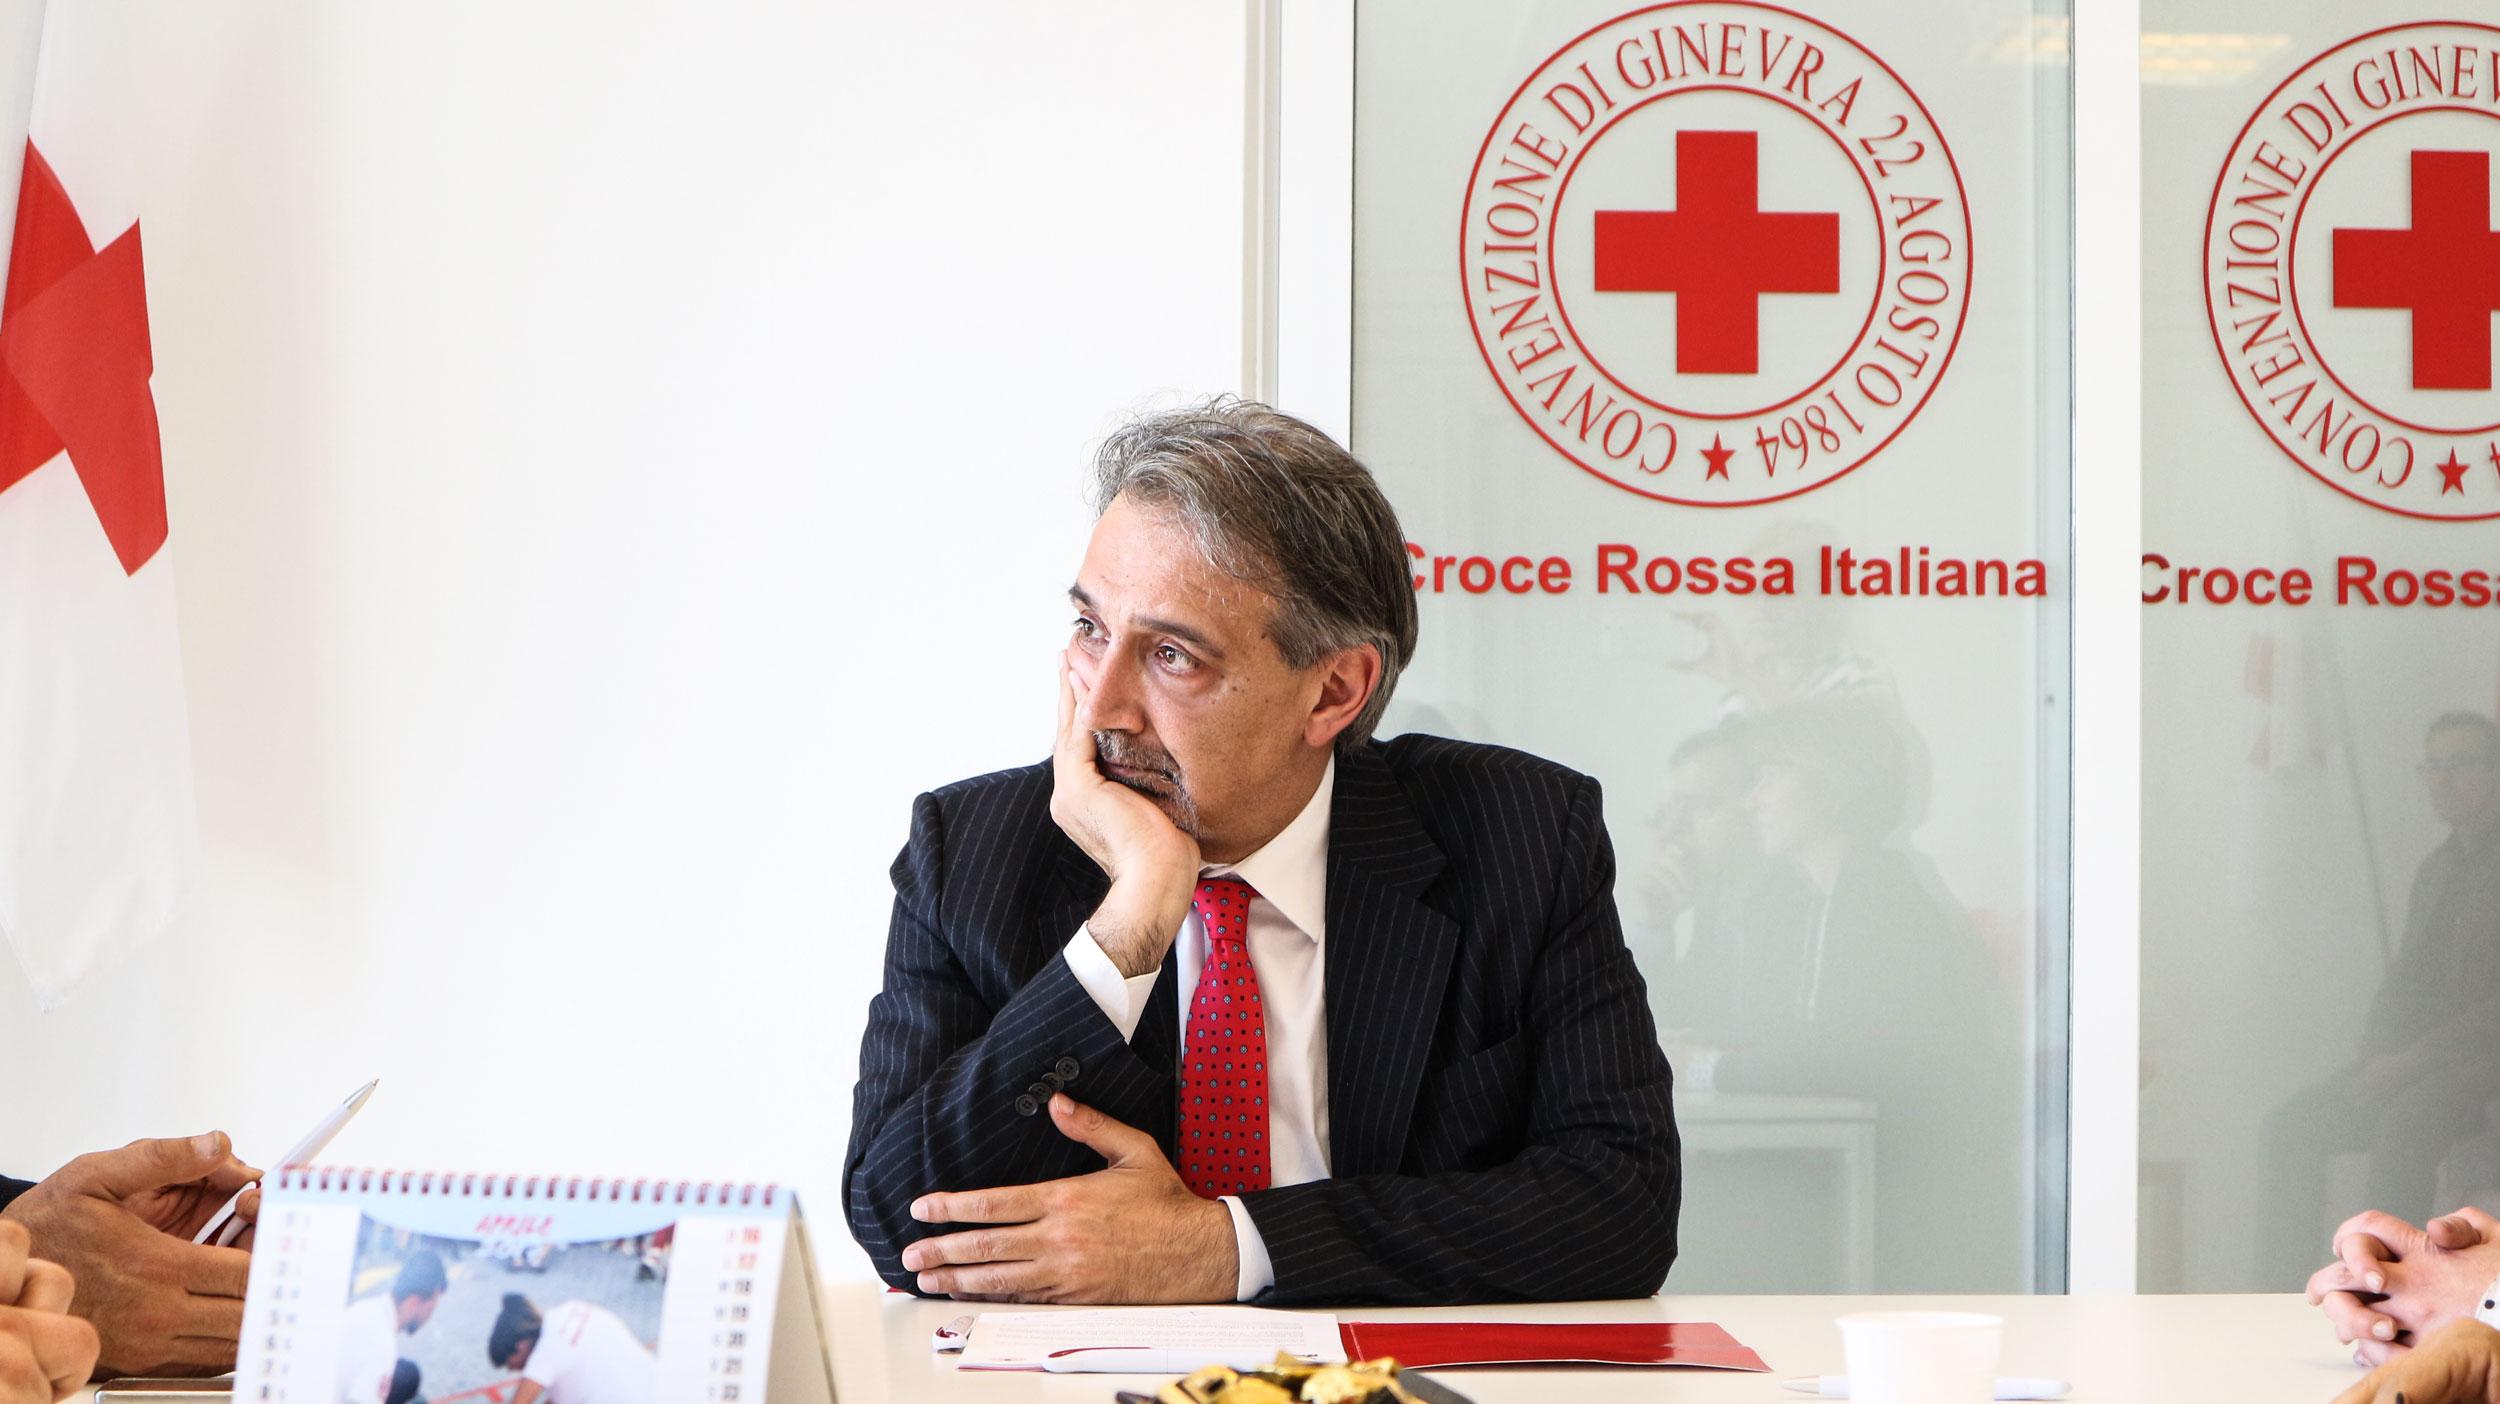 Il messaggio di auguri del Presidente della Croce Rossa Italiana Francesco Rocca